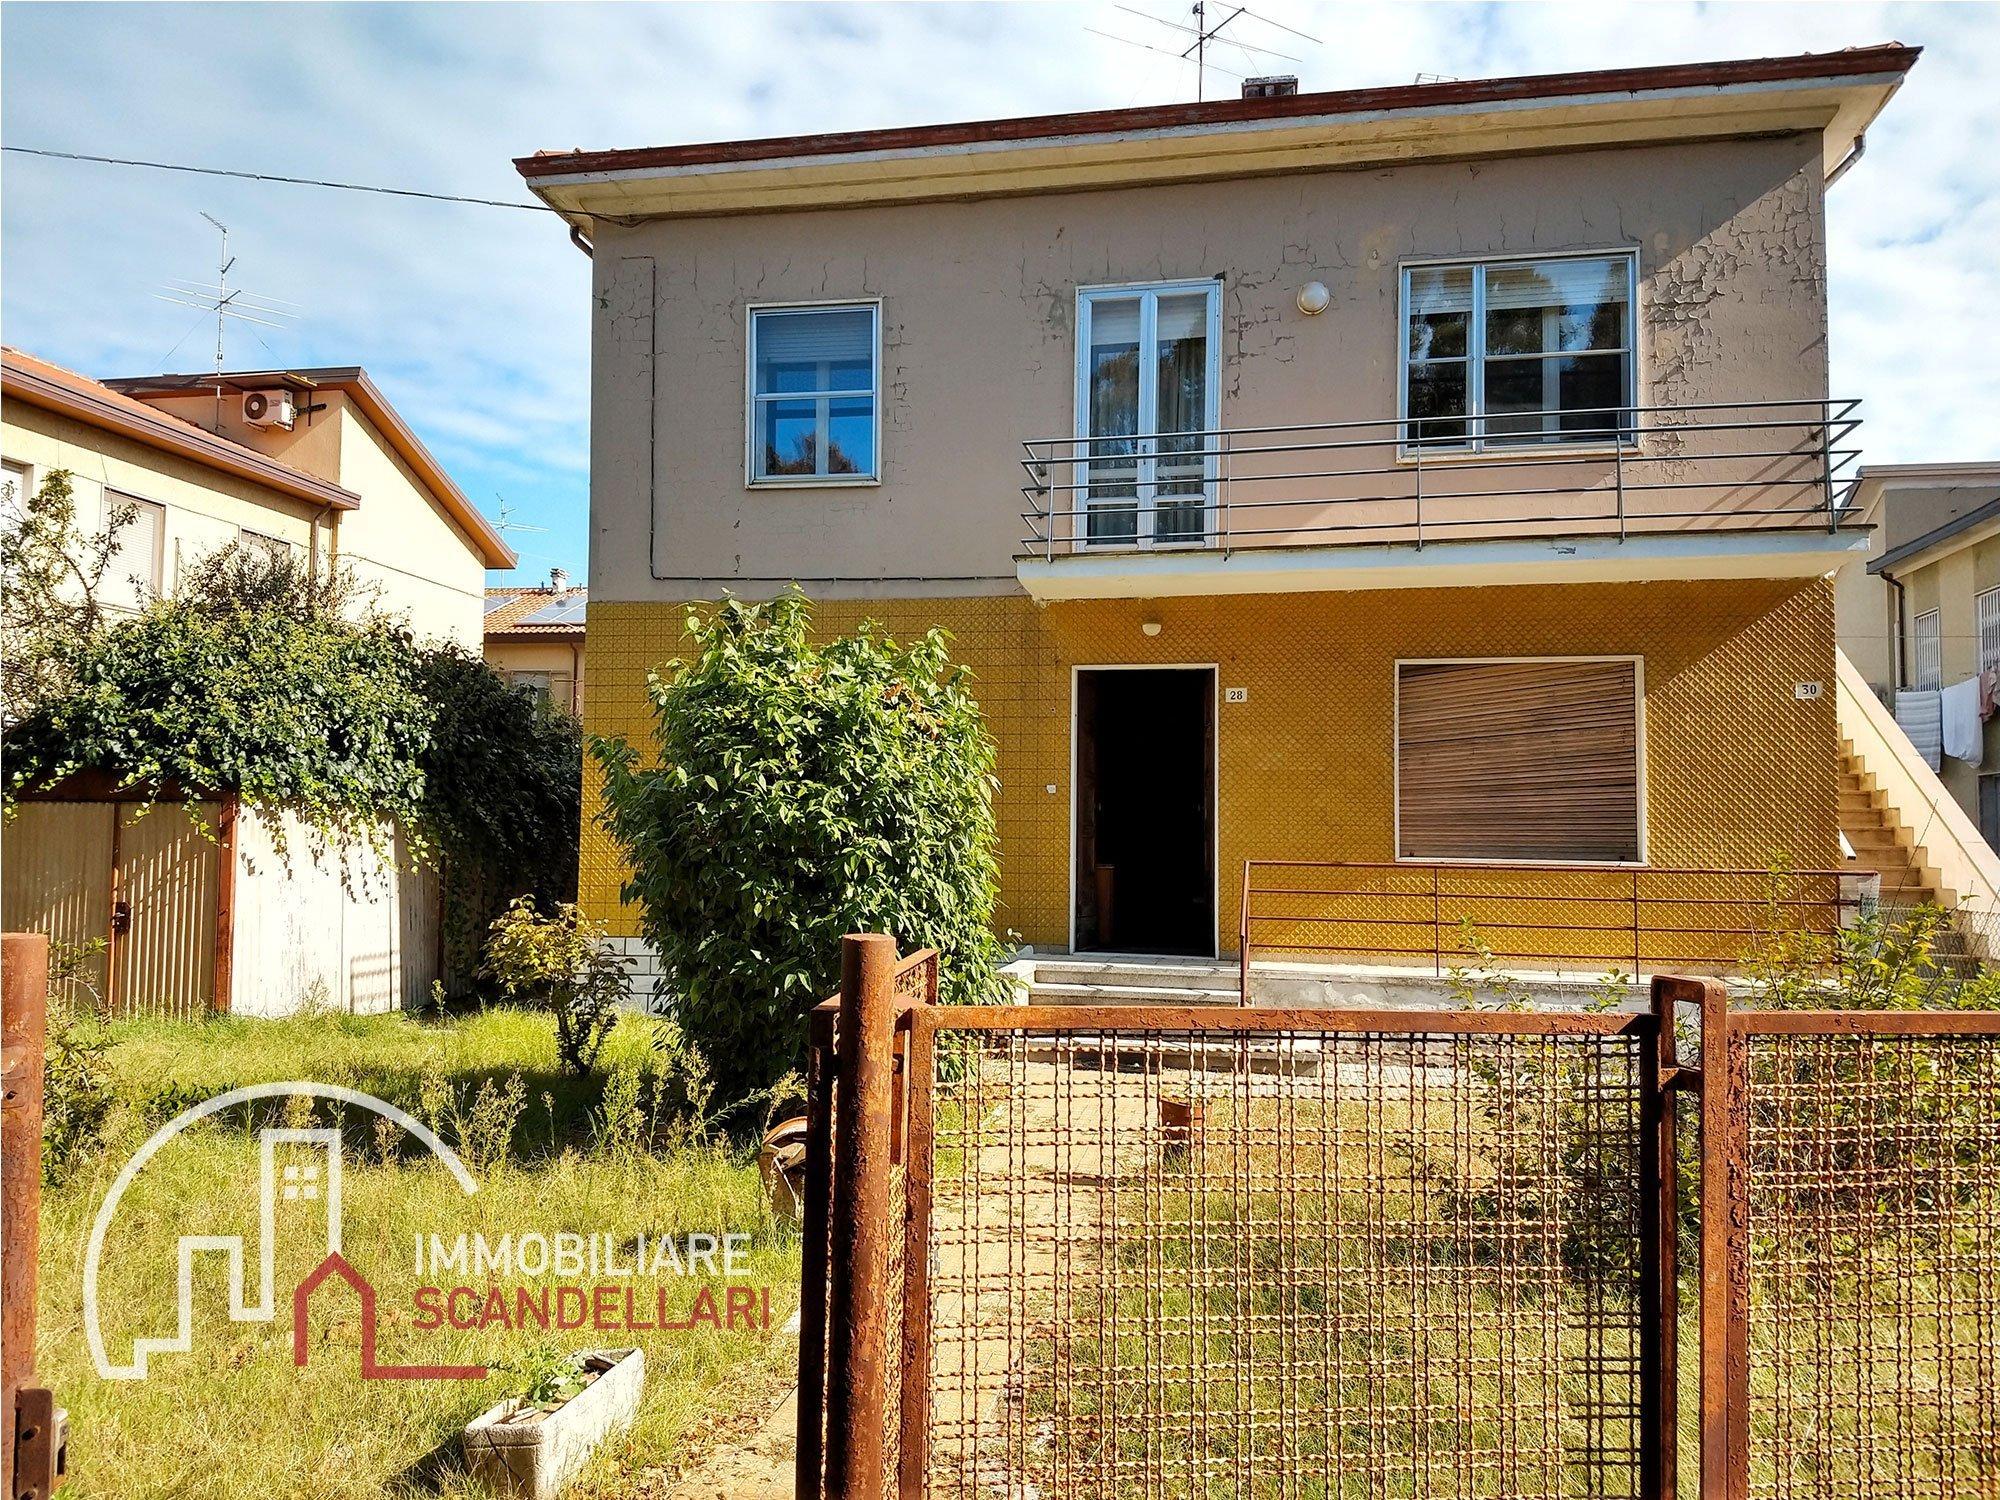 Rimini - Tripoli Mare - Appartamento in bifamiliare con giardino - Immobiliare Scandellari